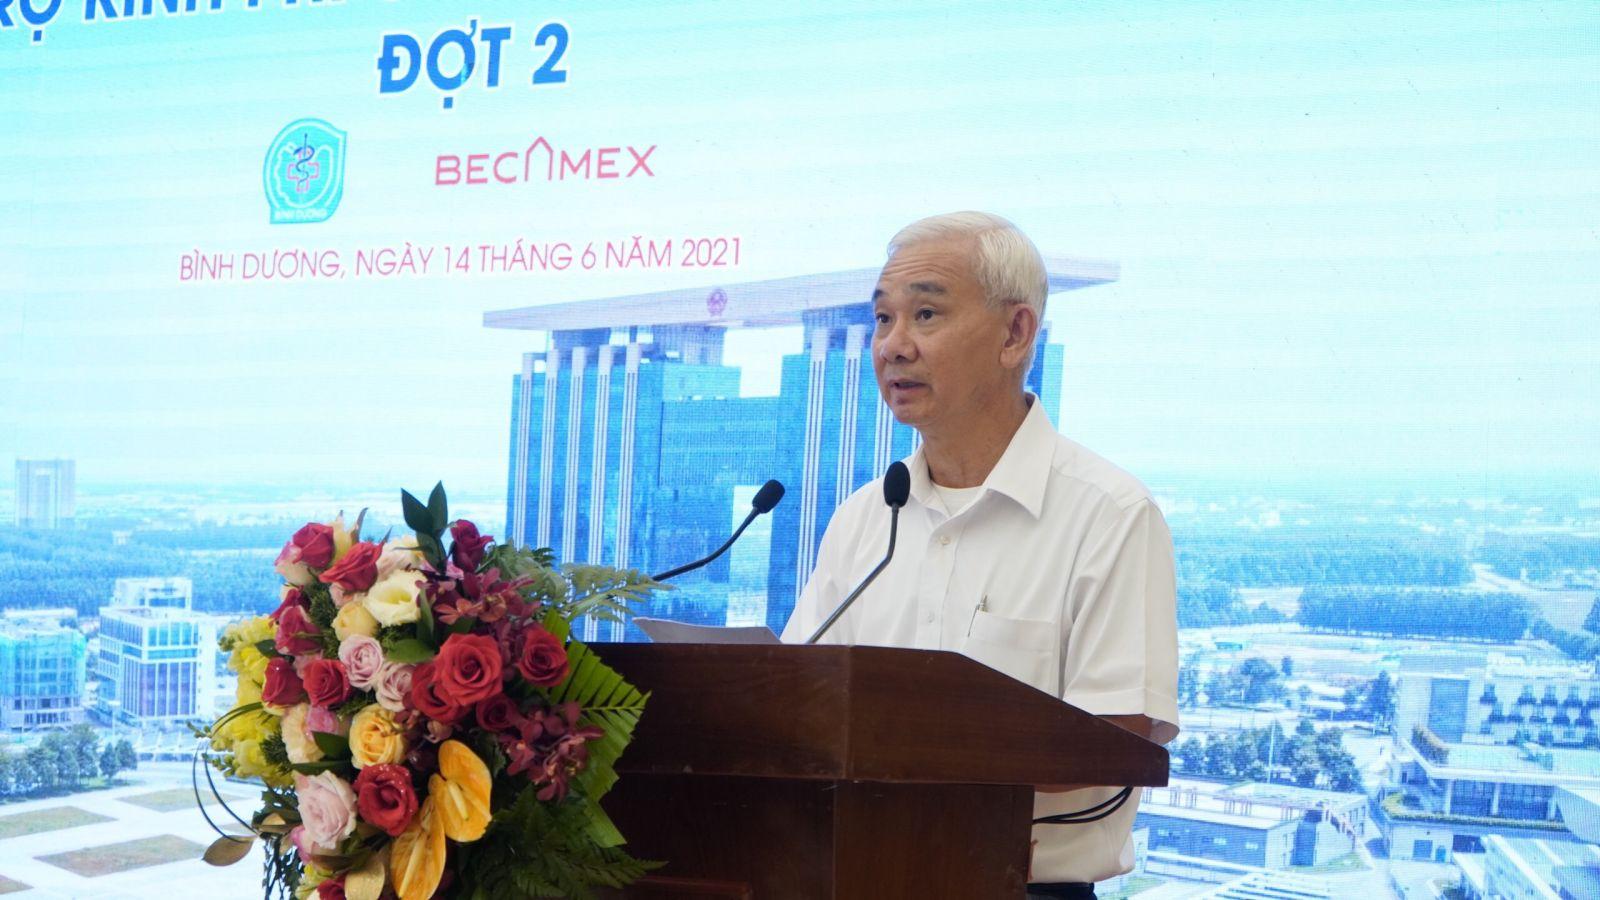 Ông Phạm Ngọc Thuận, Tổng Giám đốc Tổng Công ty Becamex IDC phát biểu tại buổi lễ ký kết